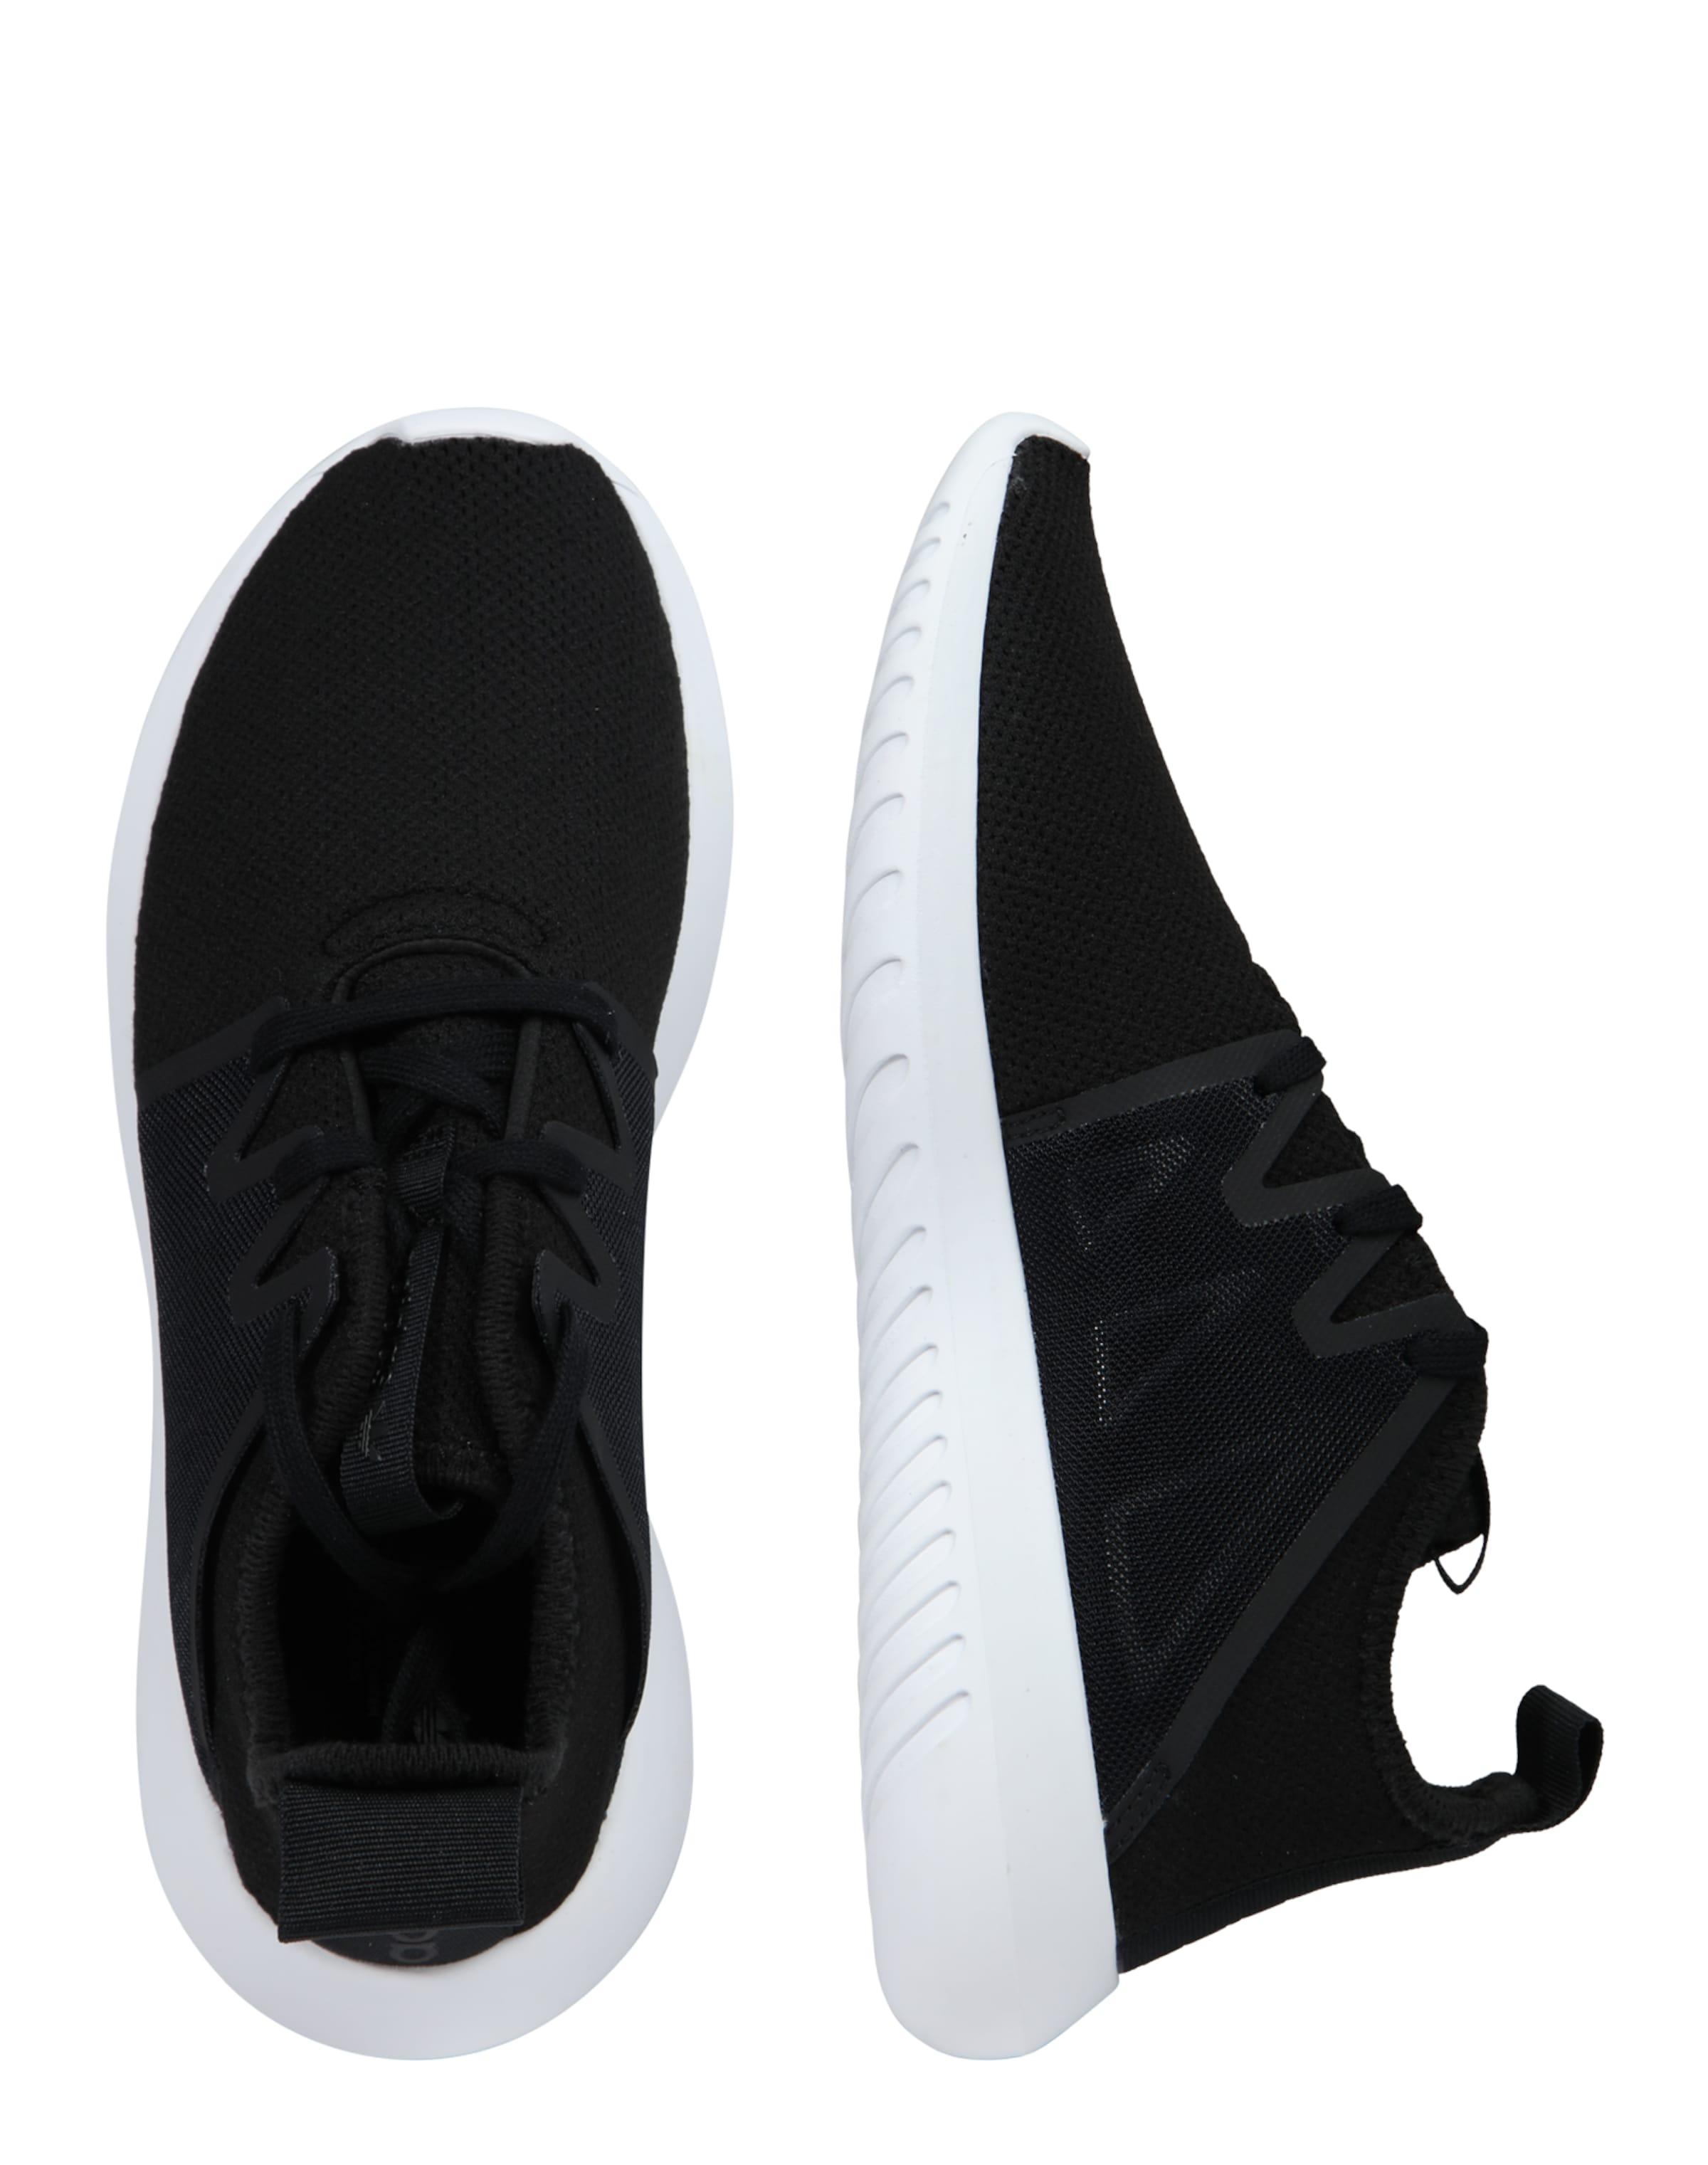 ADIDAS ORIGINALS Sneaker Low 'Tubular viral2' Auslass Offiziellen Bester Ort Verkauf 100% Original VeoZLda0